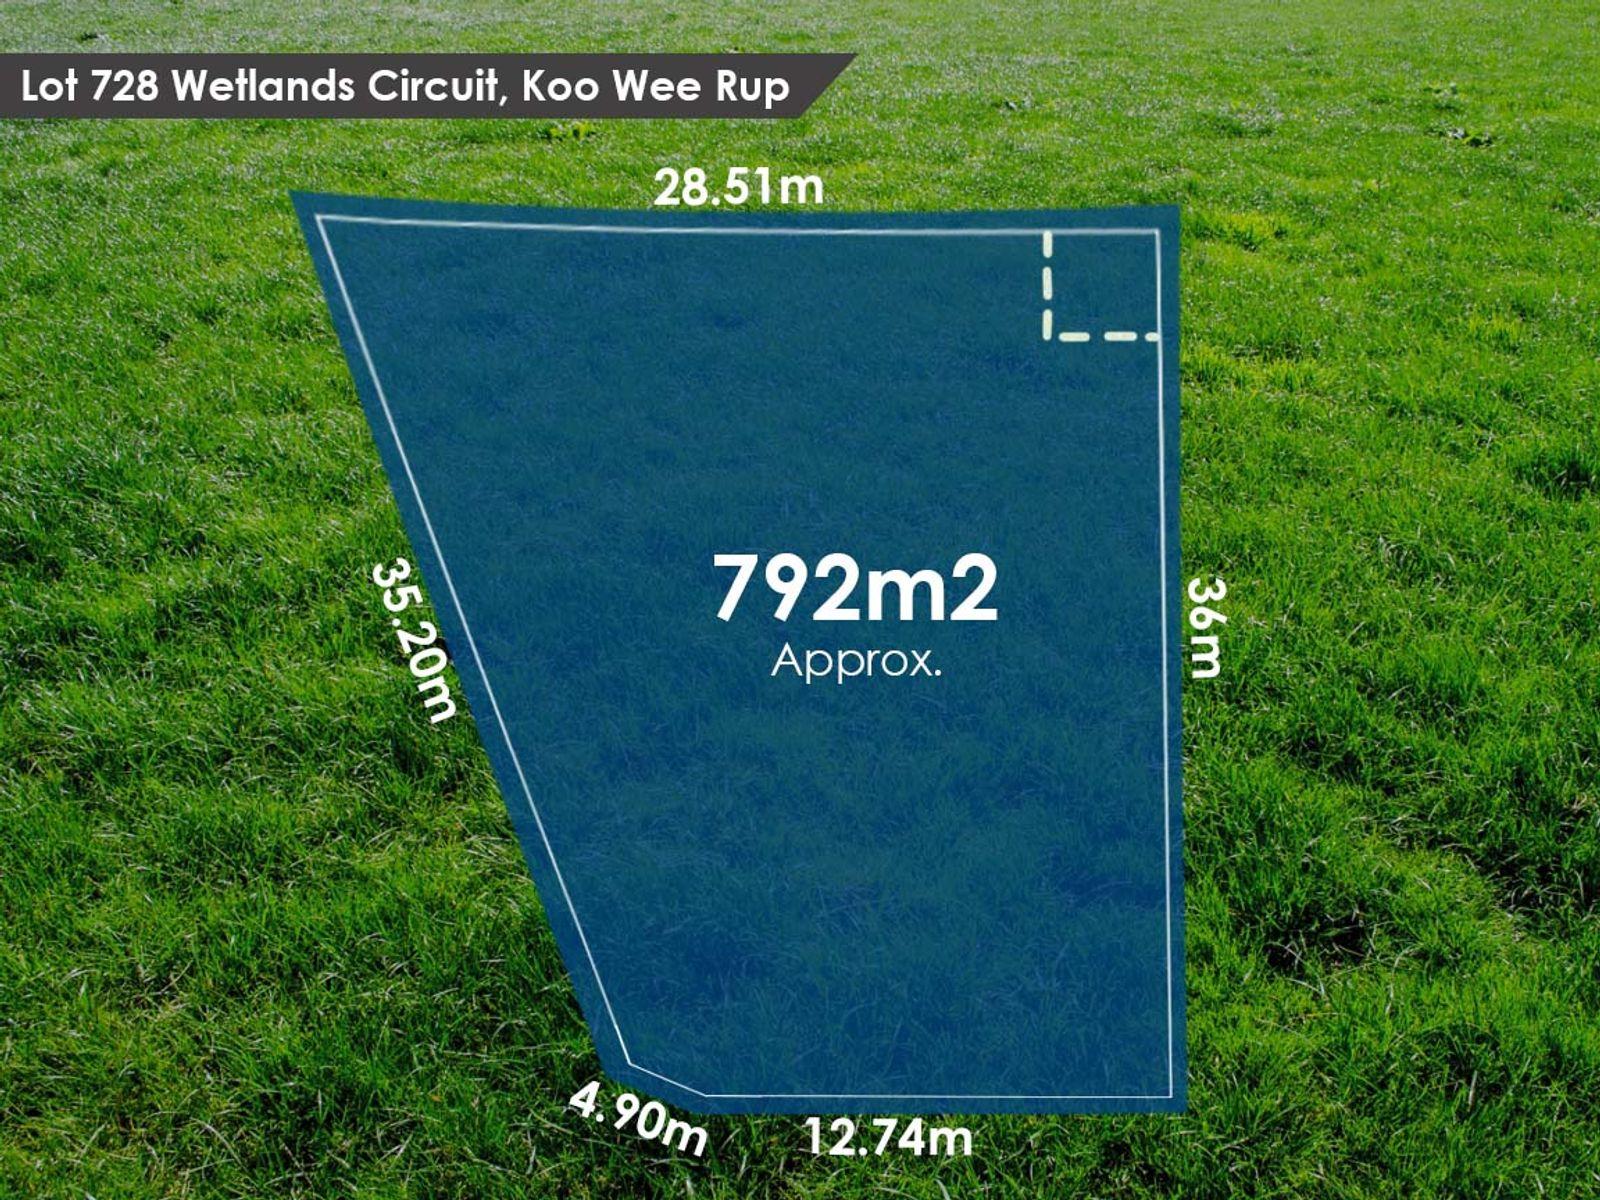 Lot 719 Wetlands Circuit, Koo Wee Rup, VIC 3981